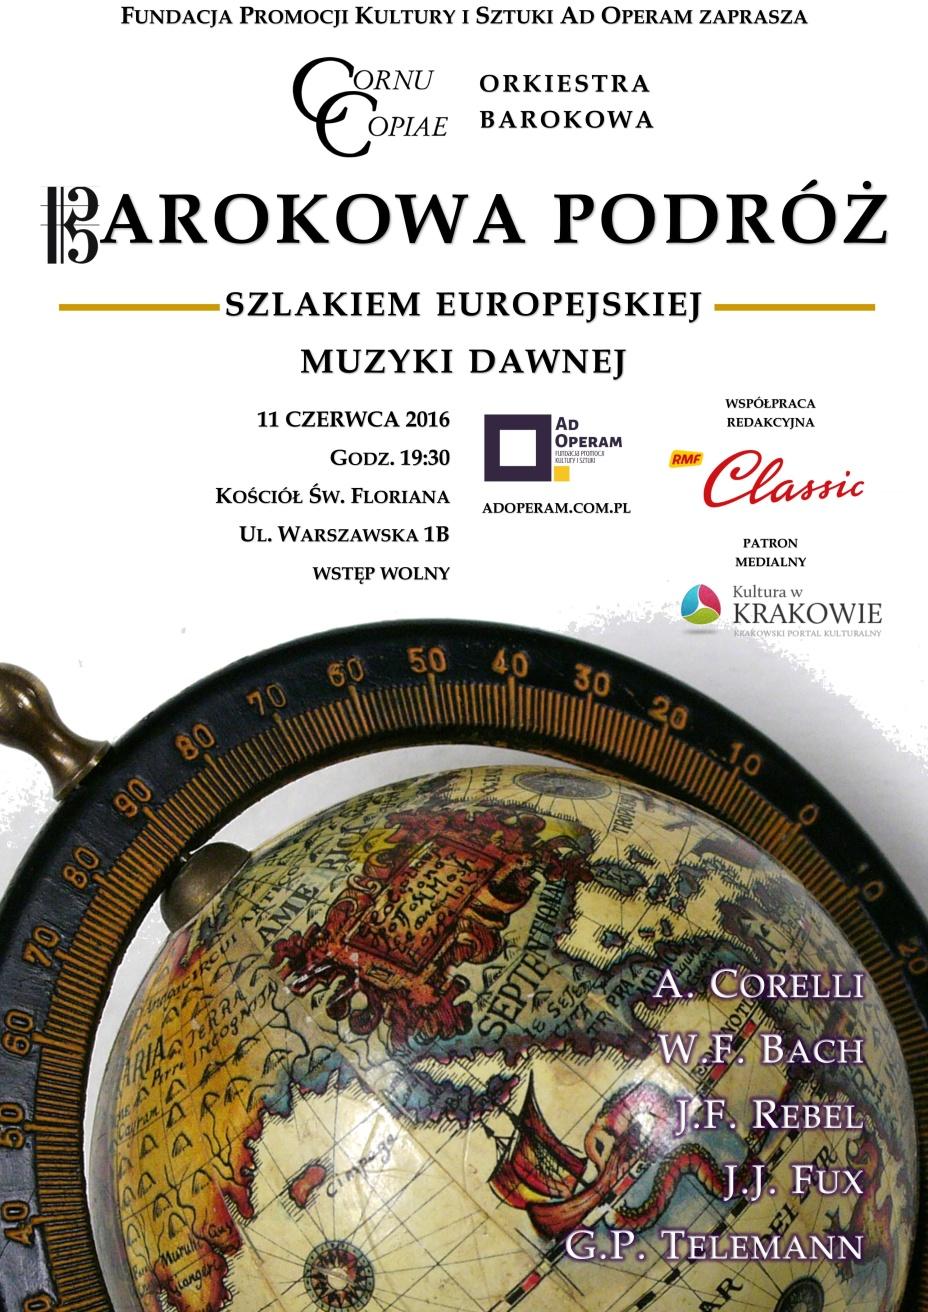 """Nowy koncert Cornu Copiae: """"Barokowa podróż. Szlakiem europejskiej muzyki dawnej"""""""